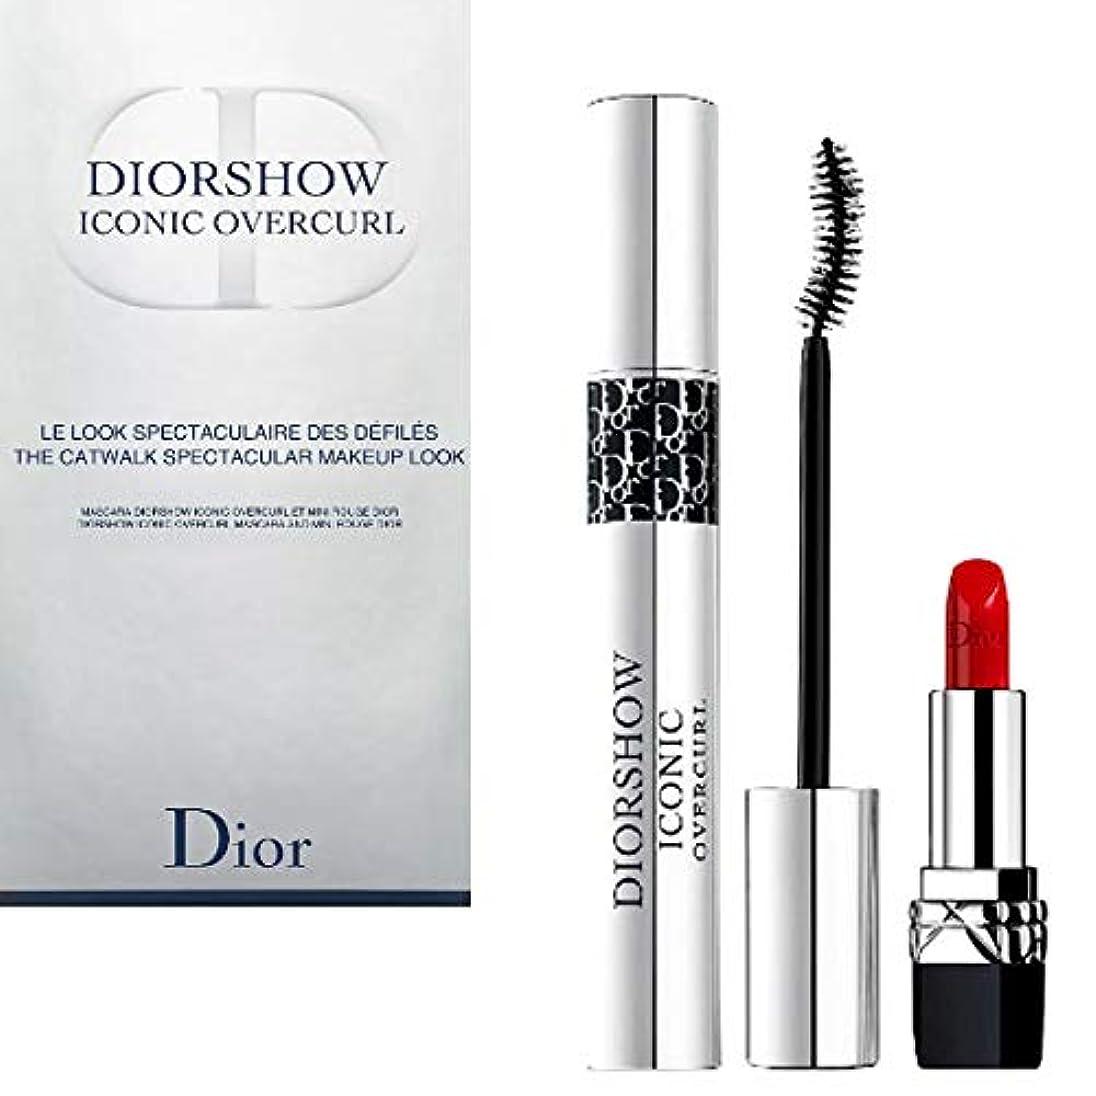 軍団つぶやきイソギンチャクDior, Diorshow Iconic Overcurl Catwalk Spectacular Makeup Look Set [海外直送品] [並行輸入品]